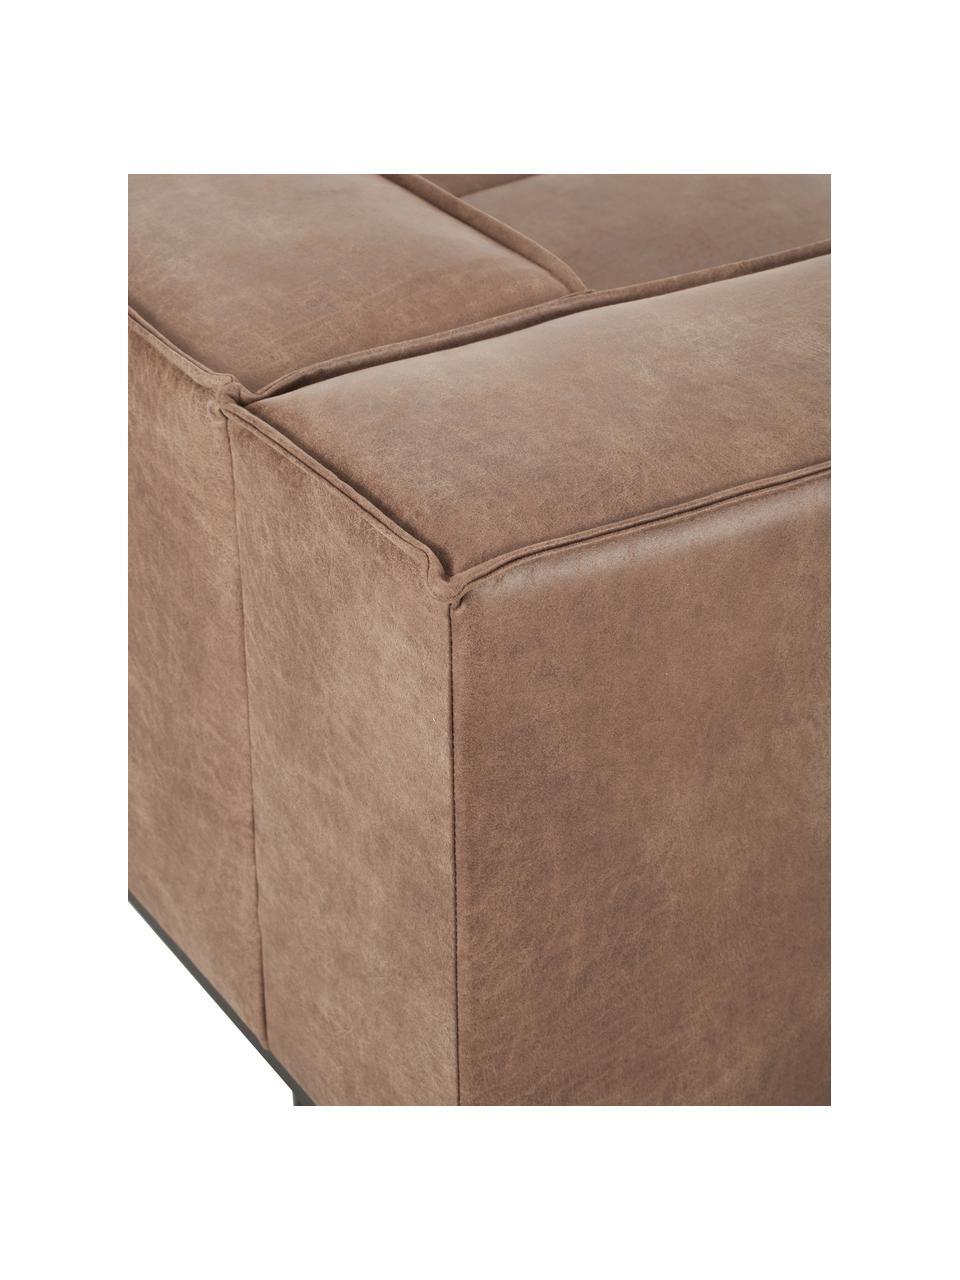 Sofa skórzana z metalowymi nogami Abigail (2-osobowa), Tapicerka: 70% skóra, 30% poliester, Nogi: metal lakierowany, Brązowy, S 190 x G 95 cm